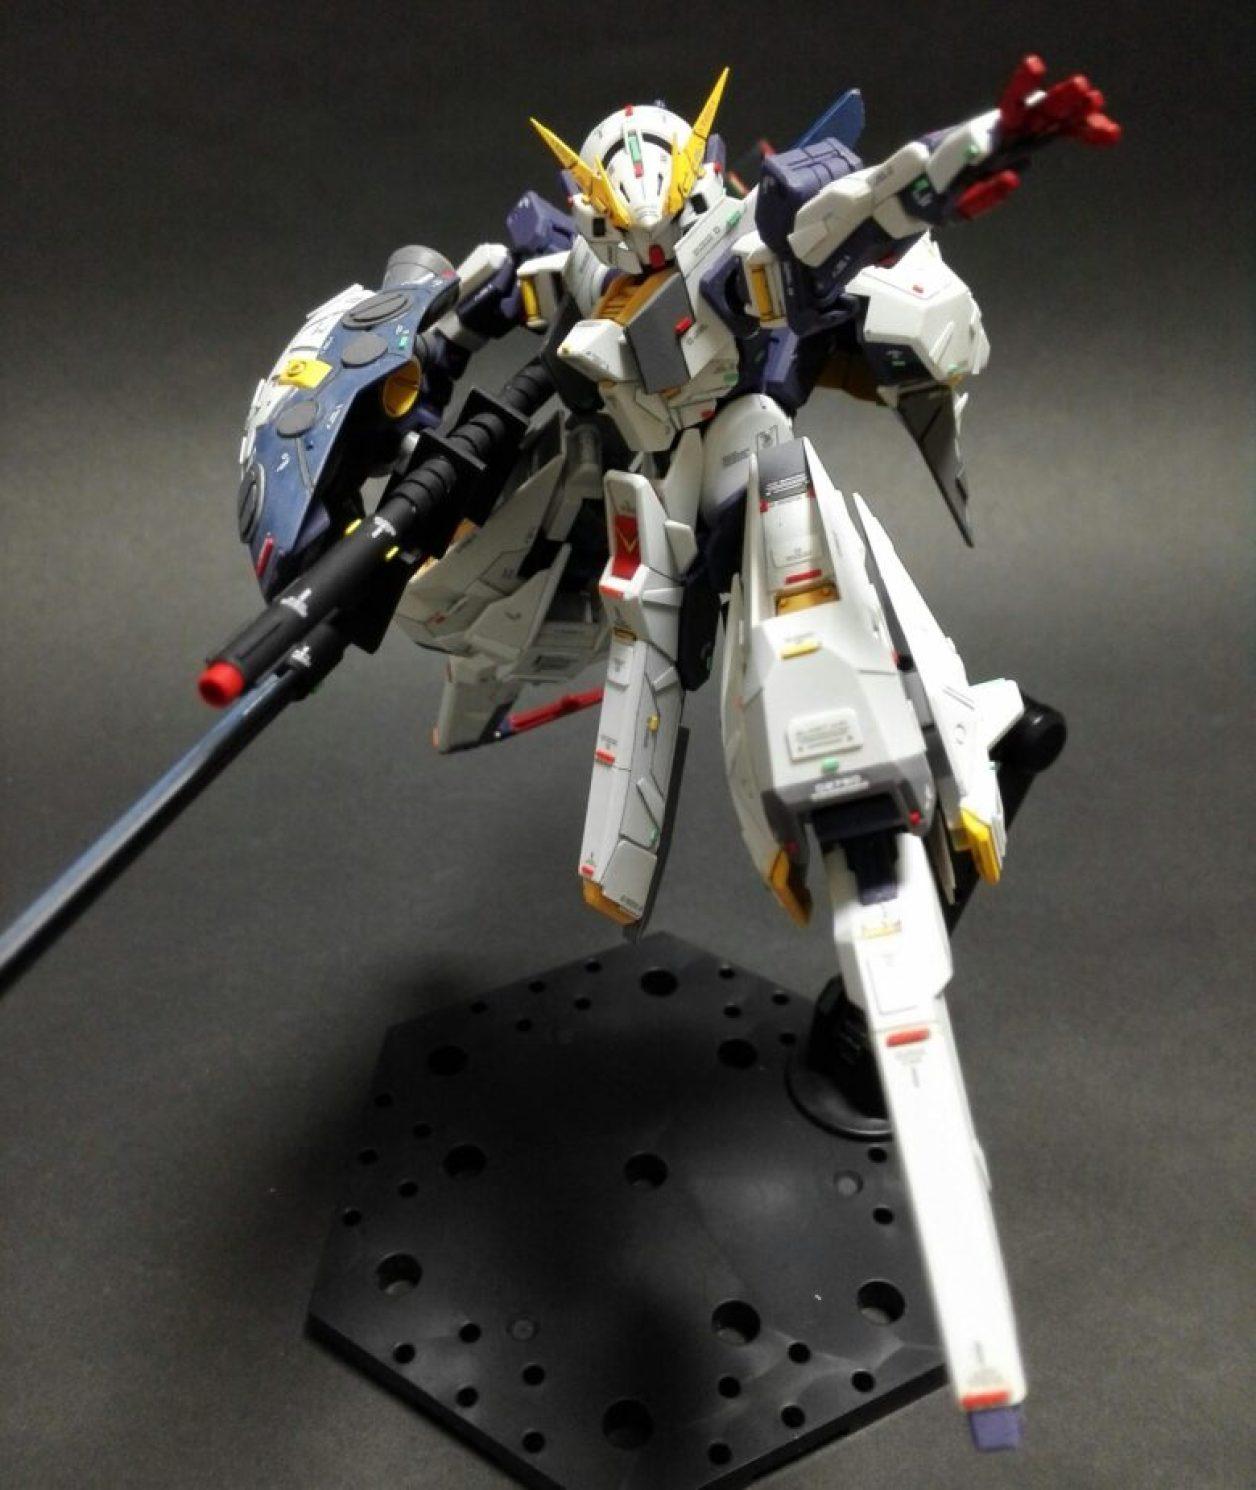 改造、改修してディテールアップしたHGUC ガンダムTR-6[ウーンドウォート](試作機カラー)に改造ビーム・ライフルを装備させた画像